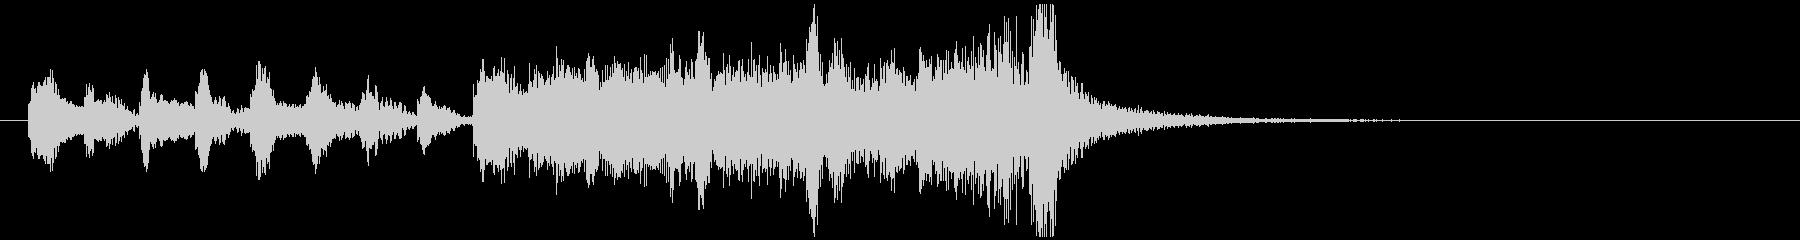 のほほんジングル026_コミカル+3の未再生の波形